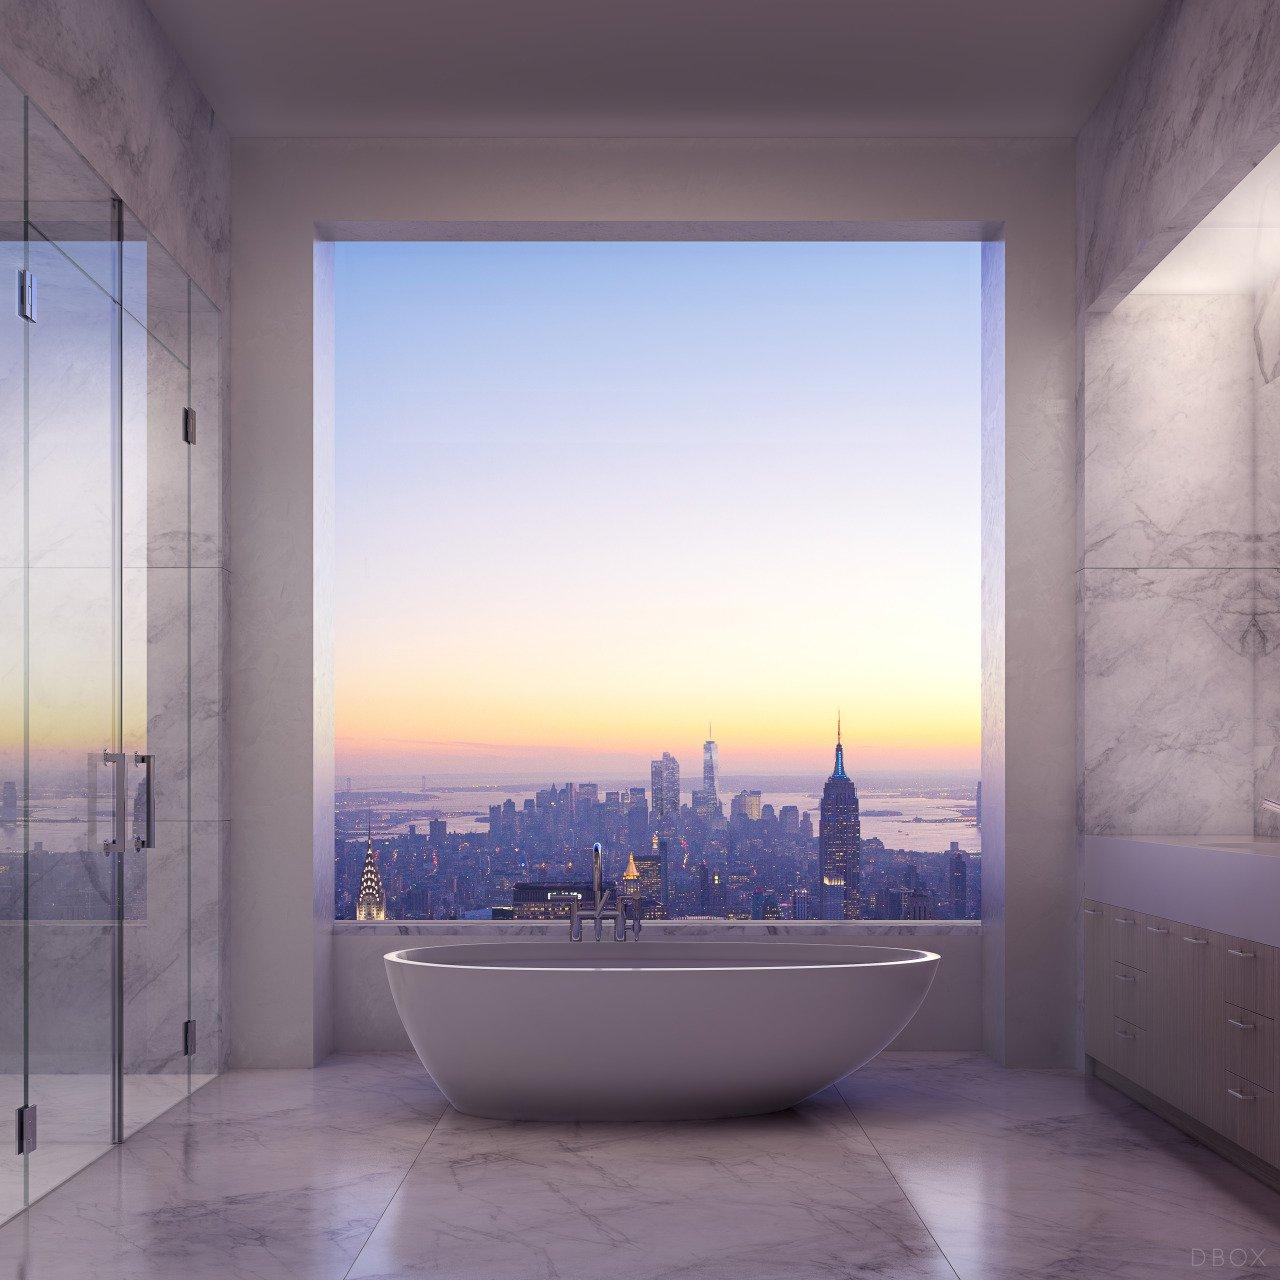 432 Park Avenue, DBOX, Macklowe Properties, Vinoly, Deborah Berke (32)